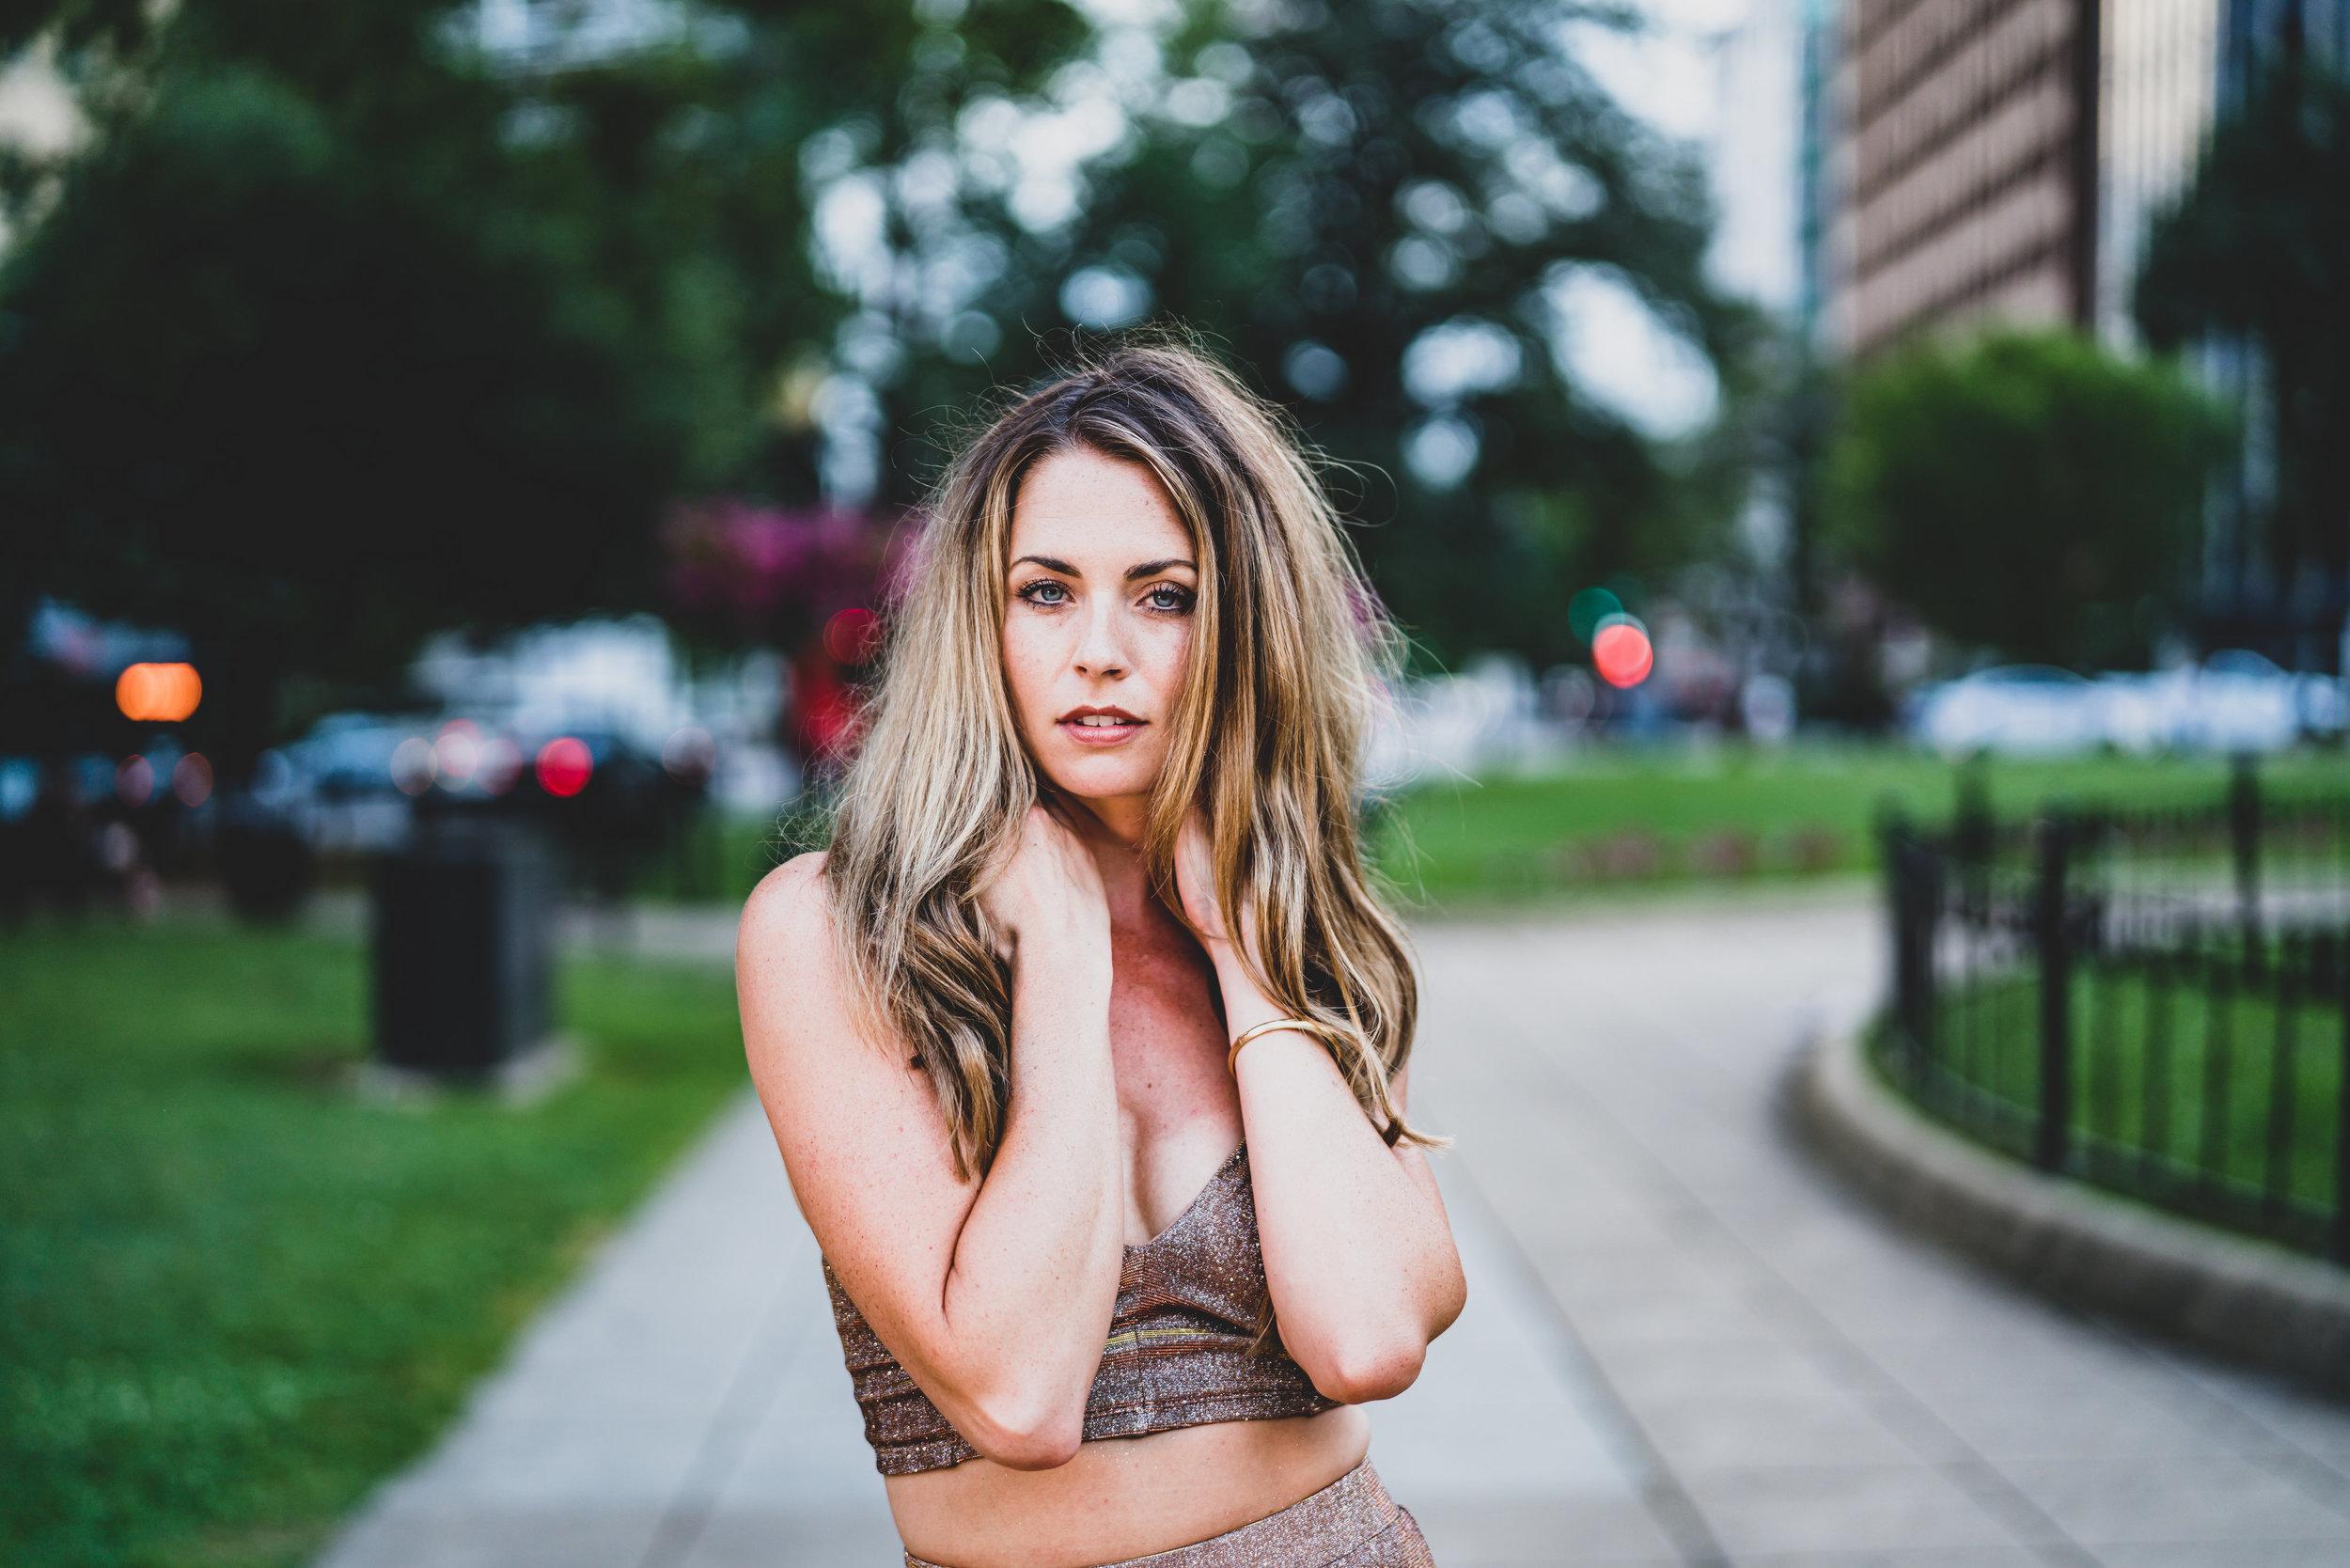 Jason Lanier Models Volume 4 Year 2018-Lindsey Weller-0021.jpg